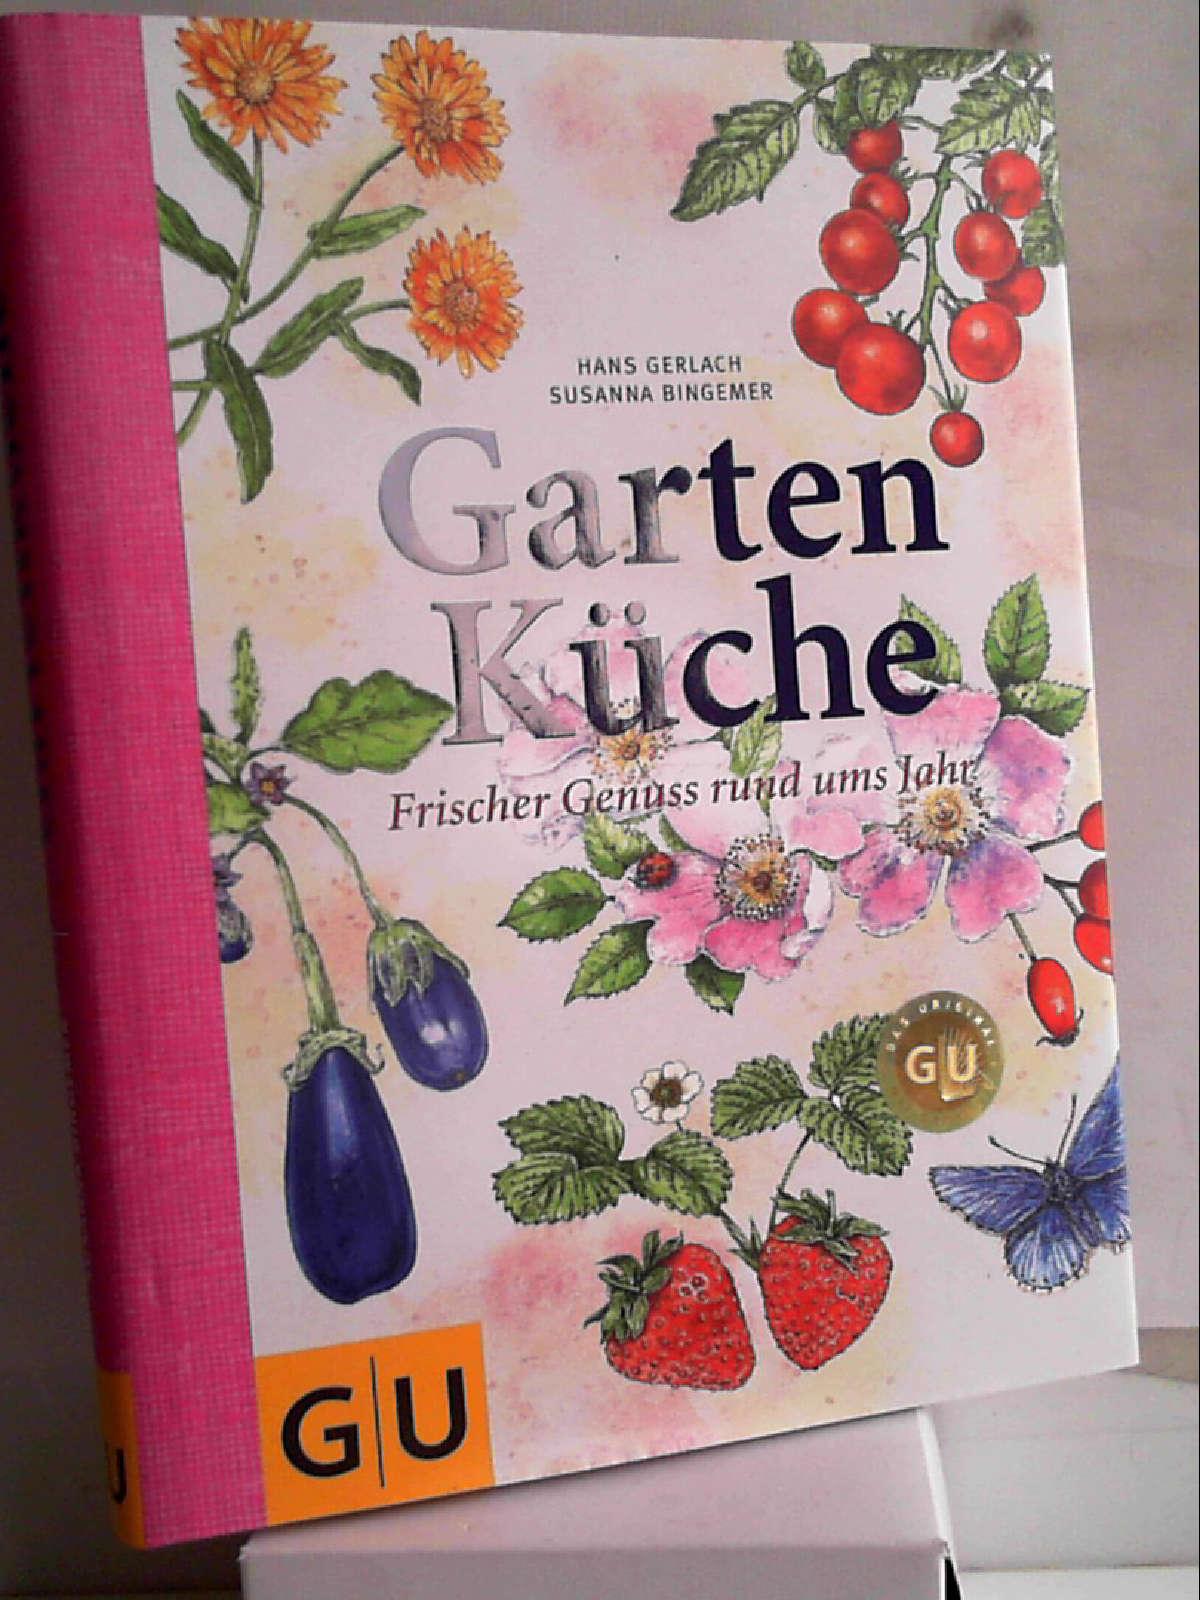 Gartenküche: Frischer Genuss rund ums Jahr (GU Themenkochbuch) Gerlach, Hans and Bingemer, Susanna - Hans Gerlach - Susanna Bingemer